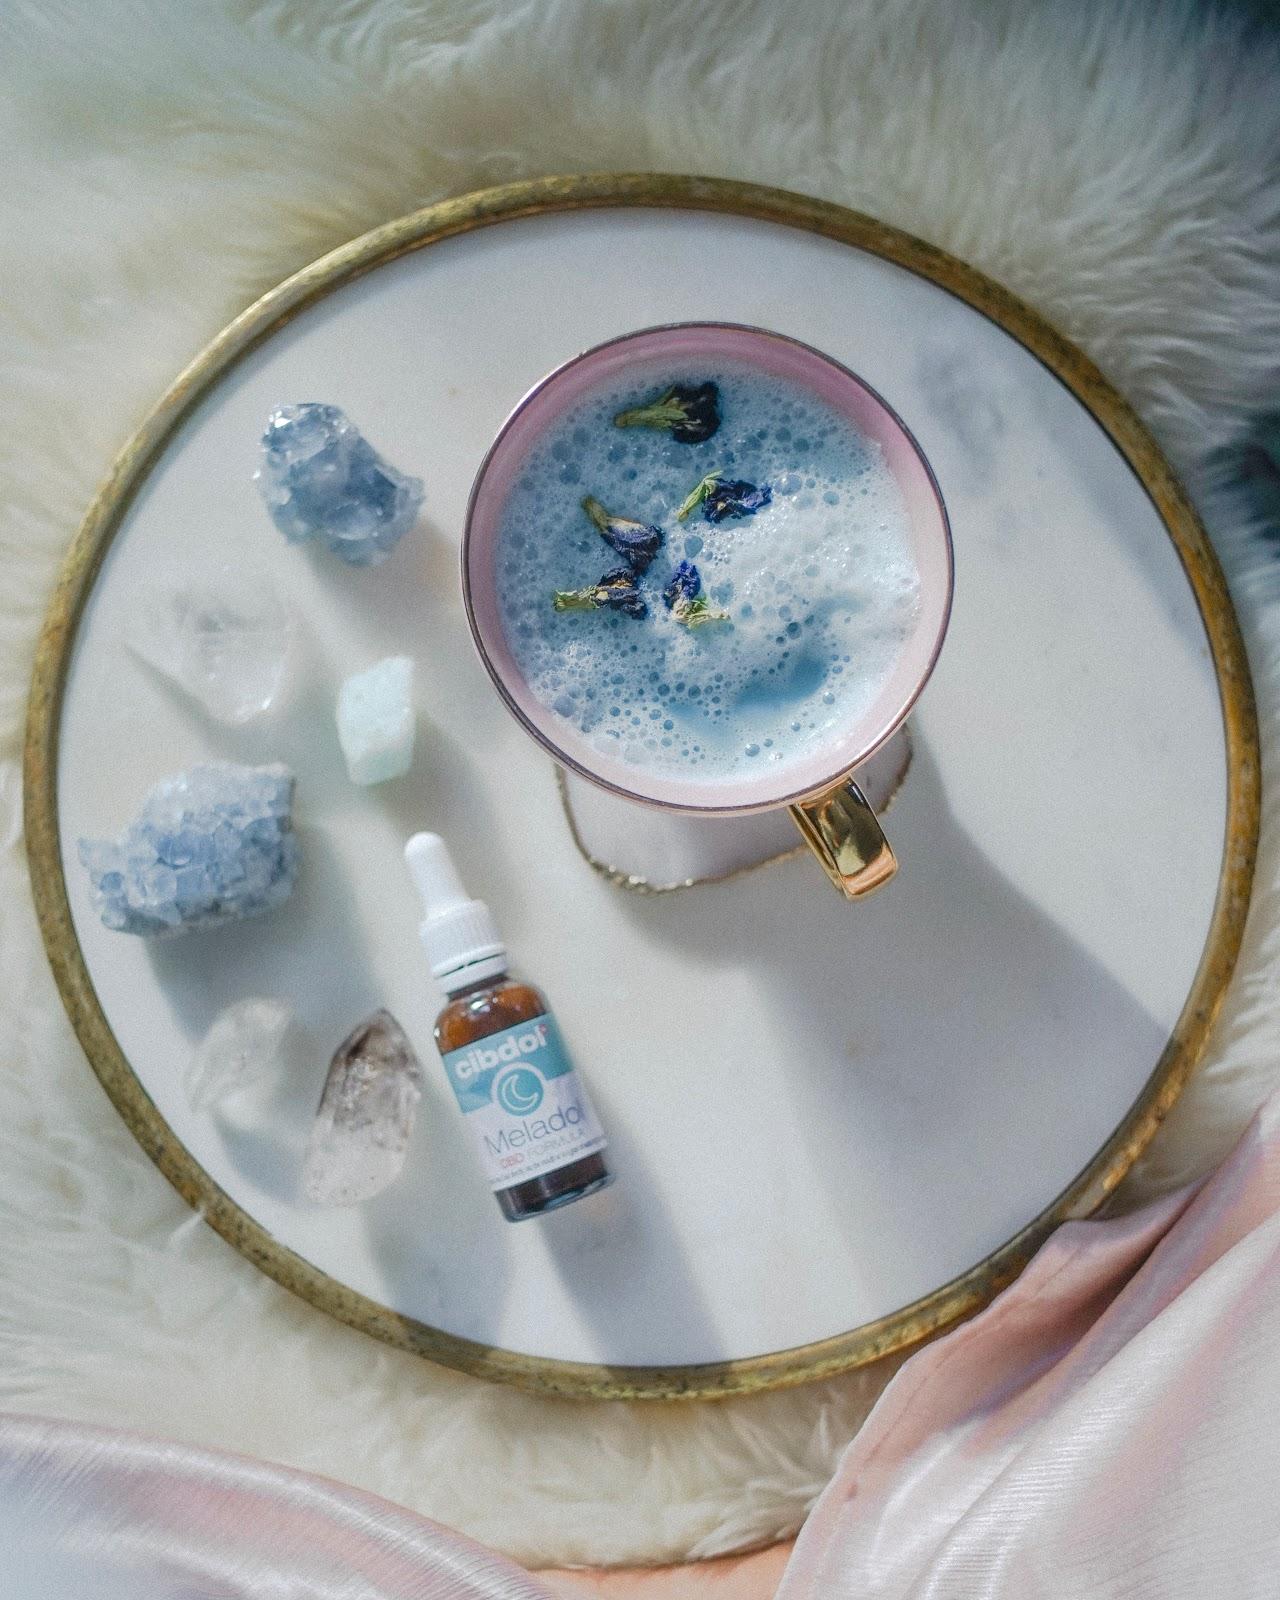 butterfly pea flower blue moon milk melatonin sleep cbd recipe